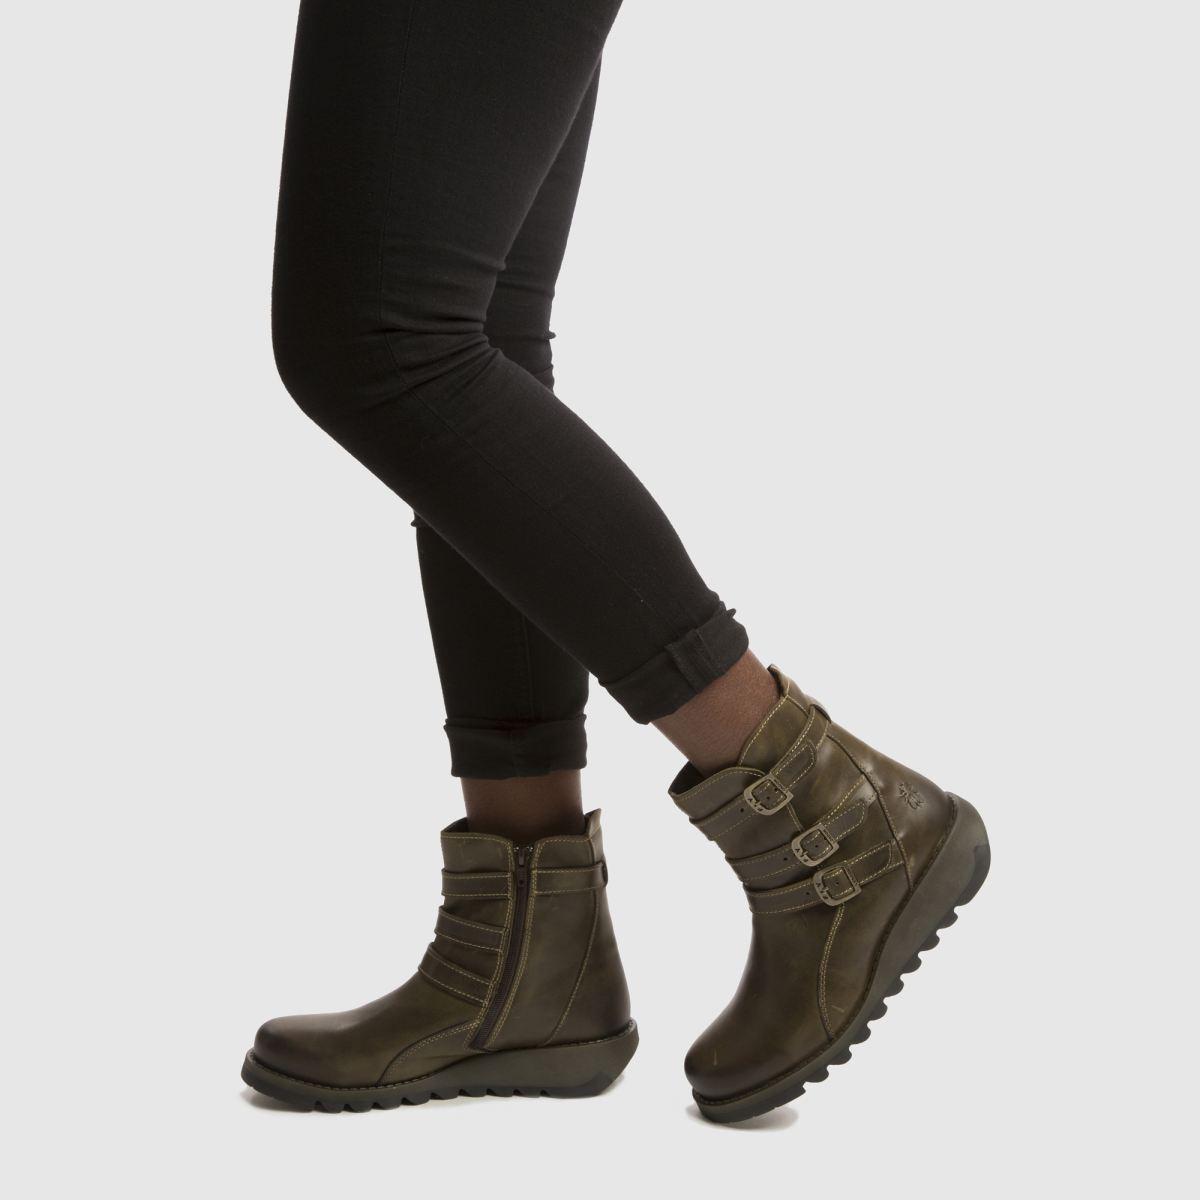 Damen Khaki fly london Sard Boots | schuh Gute Qualität beliebte Schuhe